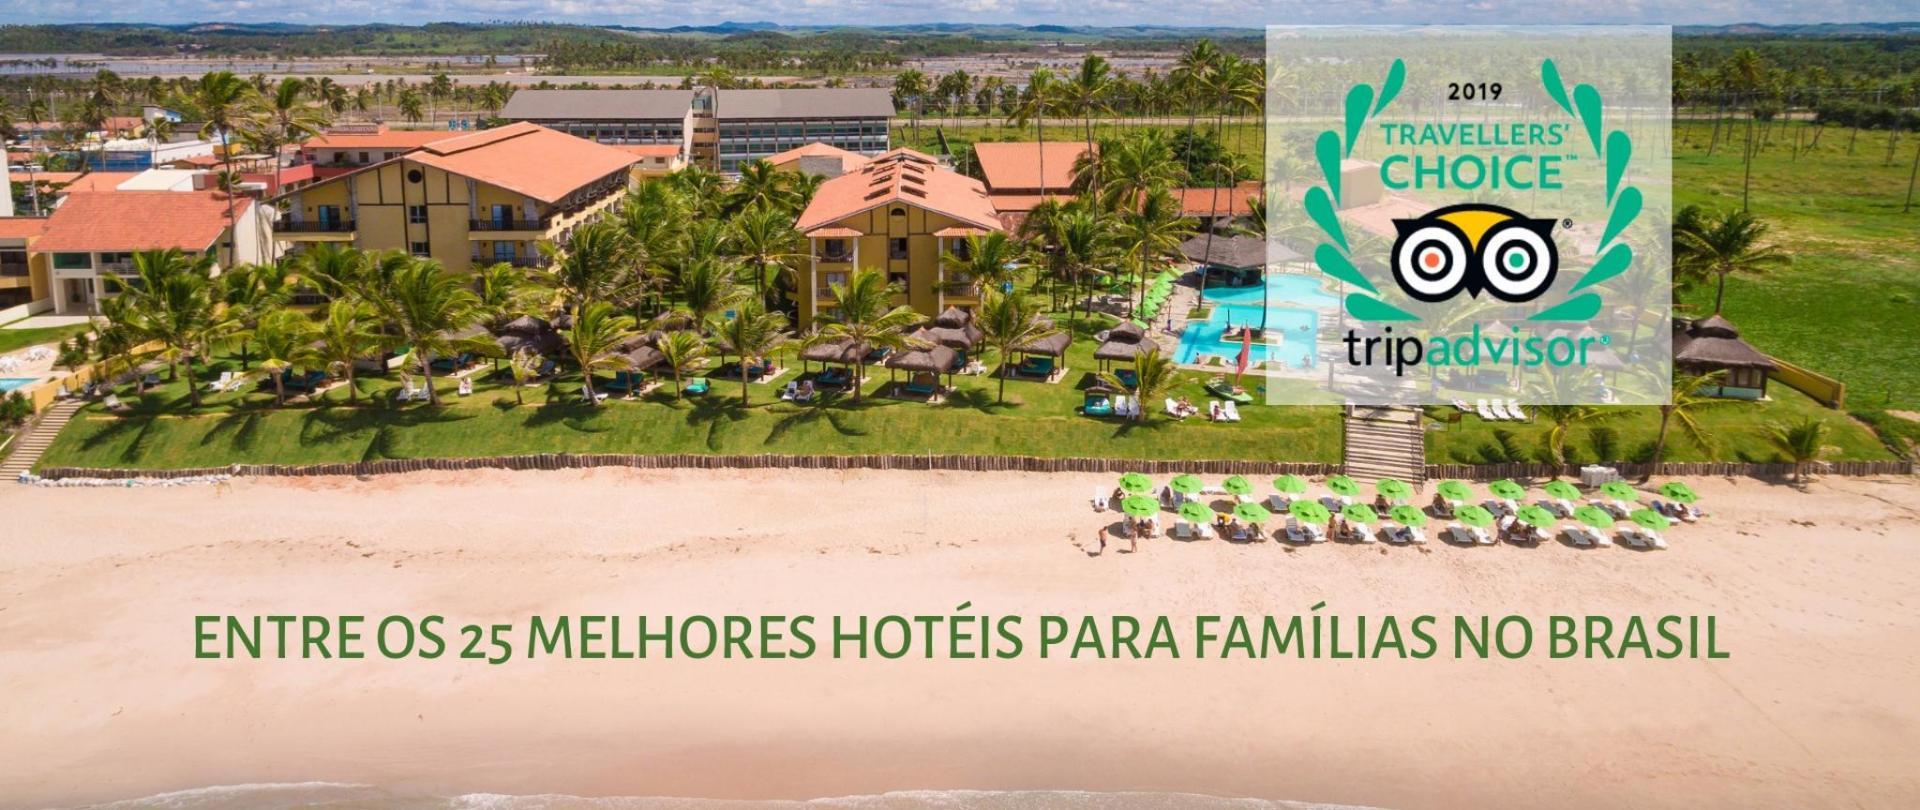 ENTRE LOS 25 MEJORES HOTELES PARA FAMILIAS EN BRASIL (4).jpg